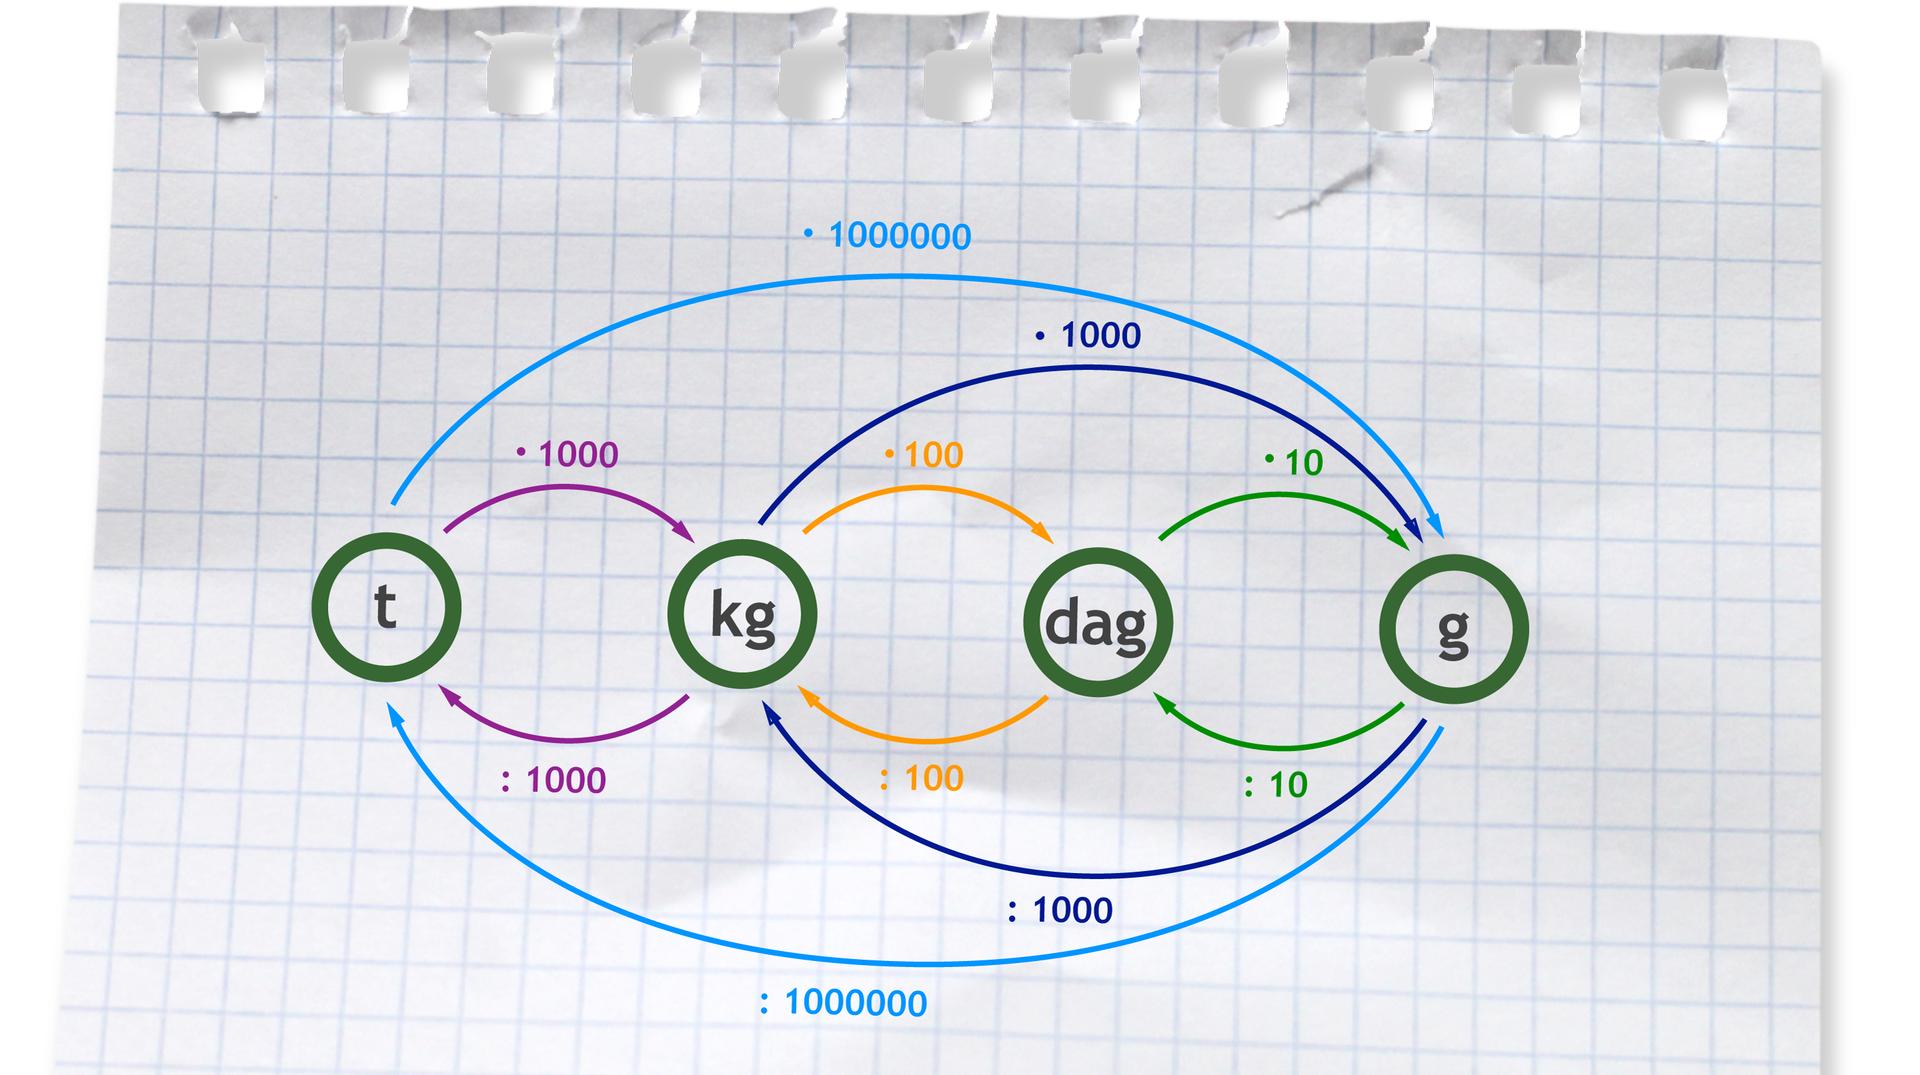 Graf przedstawiający przeliczanie jednostek masy. Zamieniając większą jednostkę na mniejszą mnożymy odpowiednio przez 10, 100, 1000, 1000000. Zamieniając tonę na kilogramy mnożymy przez 1000, kilogramy na dekagramy mnożymy przez 100, dekagramy na gramy mnożymy przez 10, kilogramy na gramy mnożymy przez 1000, tonę na gramy mnożymy przez 1000000. Zamieniając mniejszą jednostkę na większą dzielimy odpowiednio przez 10, 100, 1000, 1000000. Zmieniając gramy na dekagramy dzielimy przez 10, dekagramy na kilogramy dzielimy przez 100, gramy na kilogramy dzielimy przez 1000, kilogramy na tonę dzielimy przez 1000, gramy na tonę dzielimy przez 1000000.